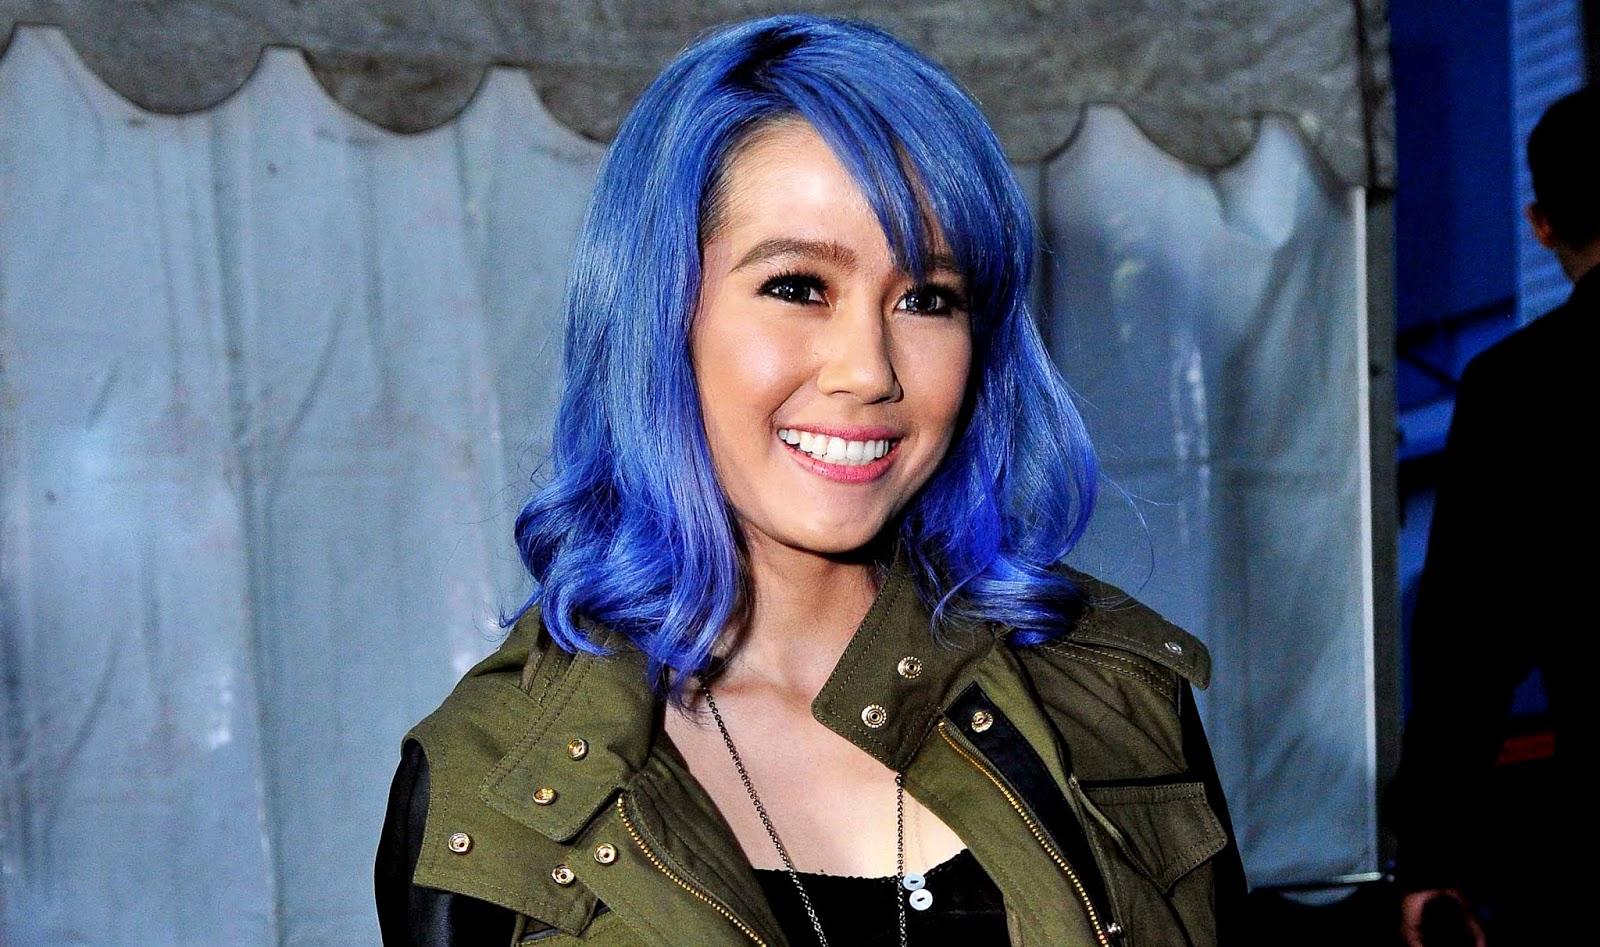 artis aneh suka pakai rambut biru hitam dan manis suka akan menikah cepat